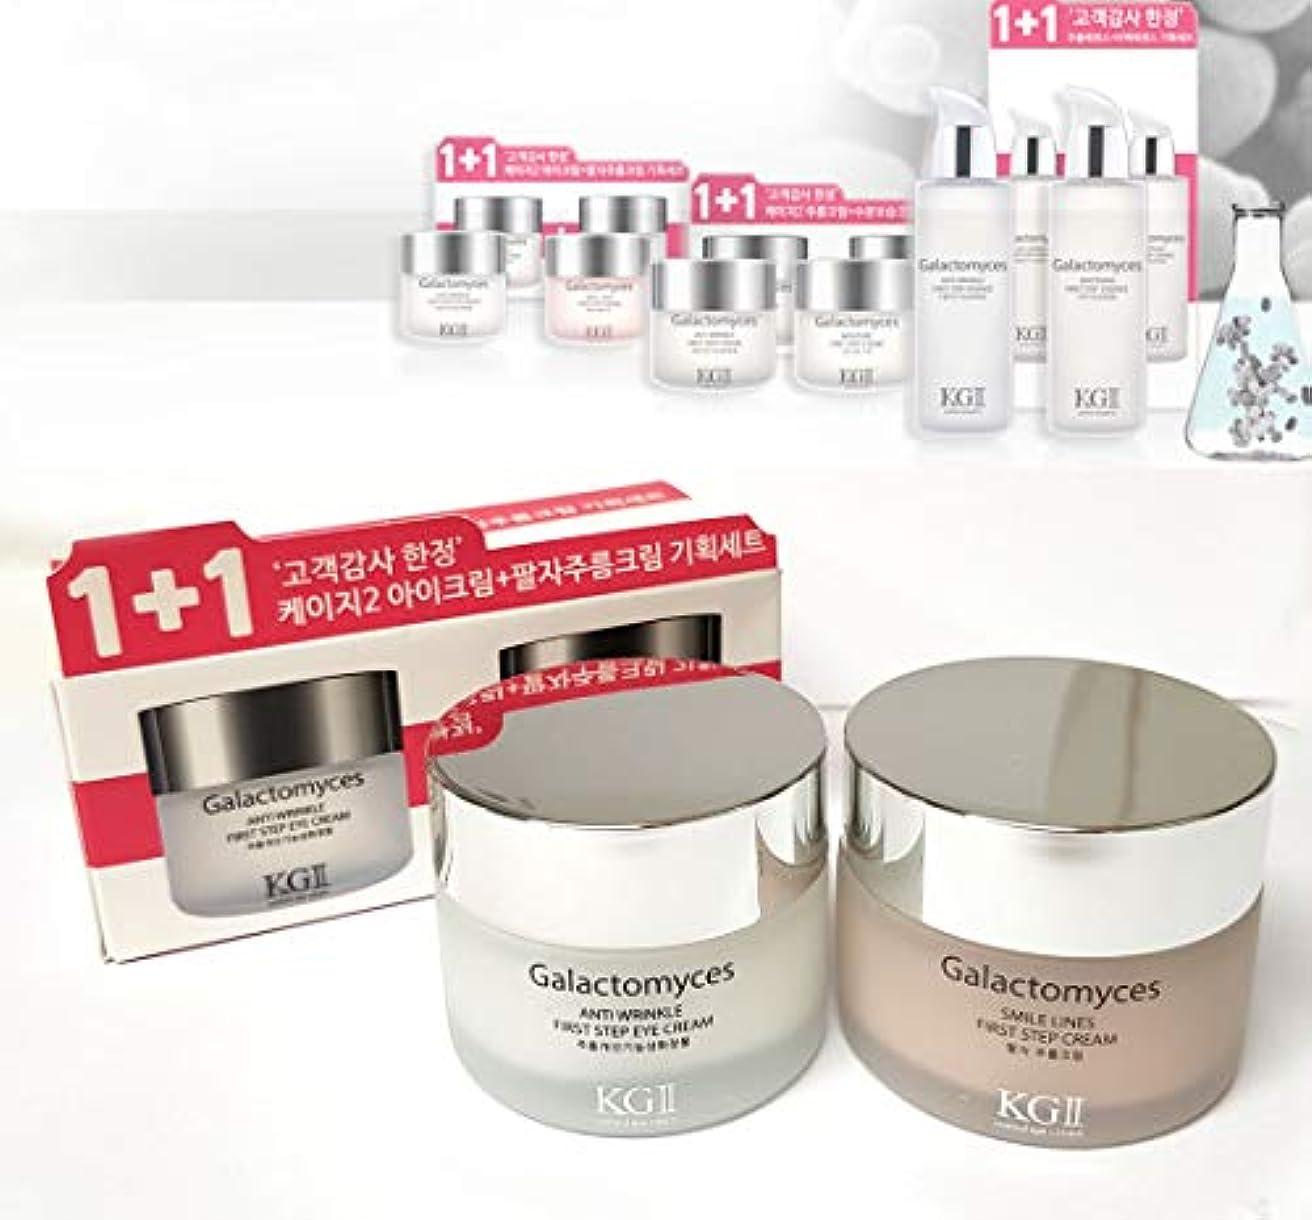 ベースめまいがキャンセル[KG2] ガラクトミセスファーストステップアイクリーム30ml +スマイルラインズクリーム30mlセット / Galactomyces First Step Eye Cream 30ml + Smile Lines Cream...